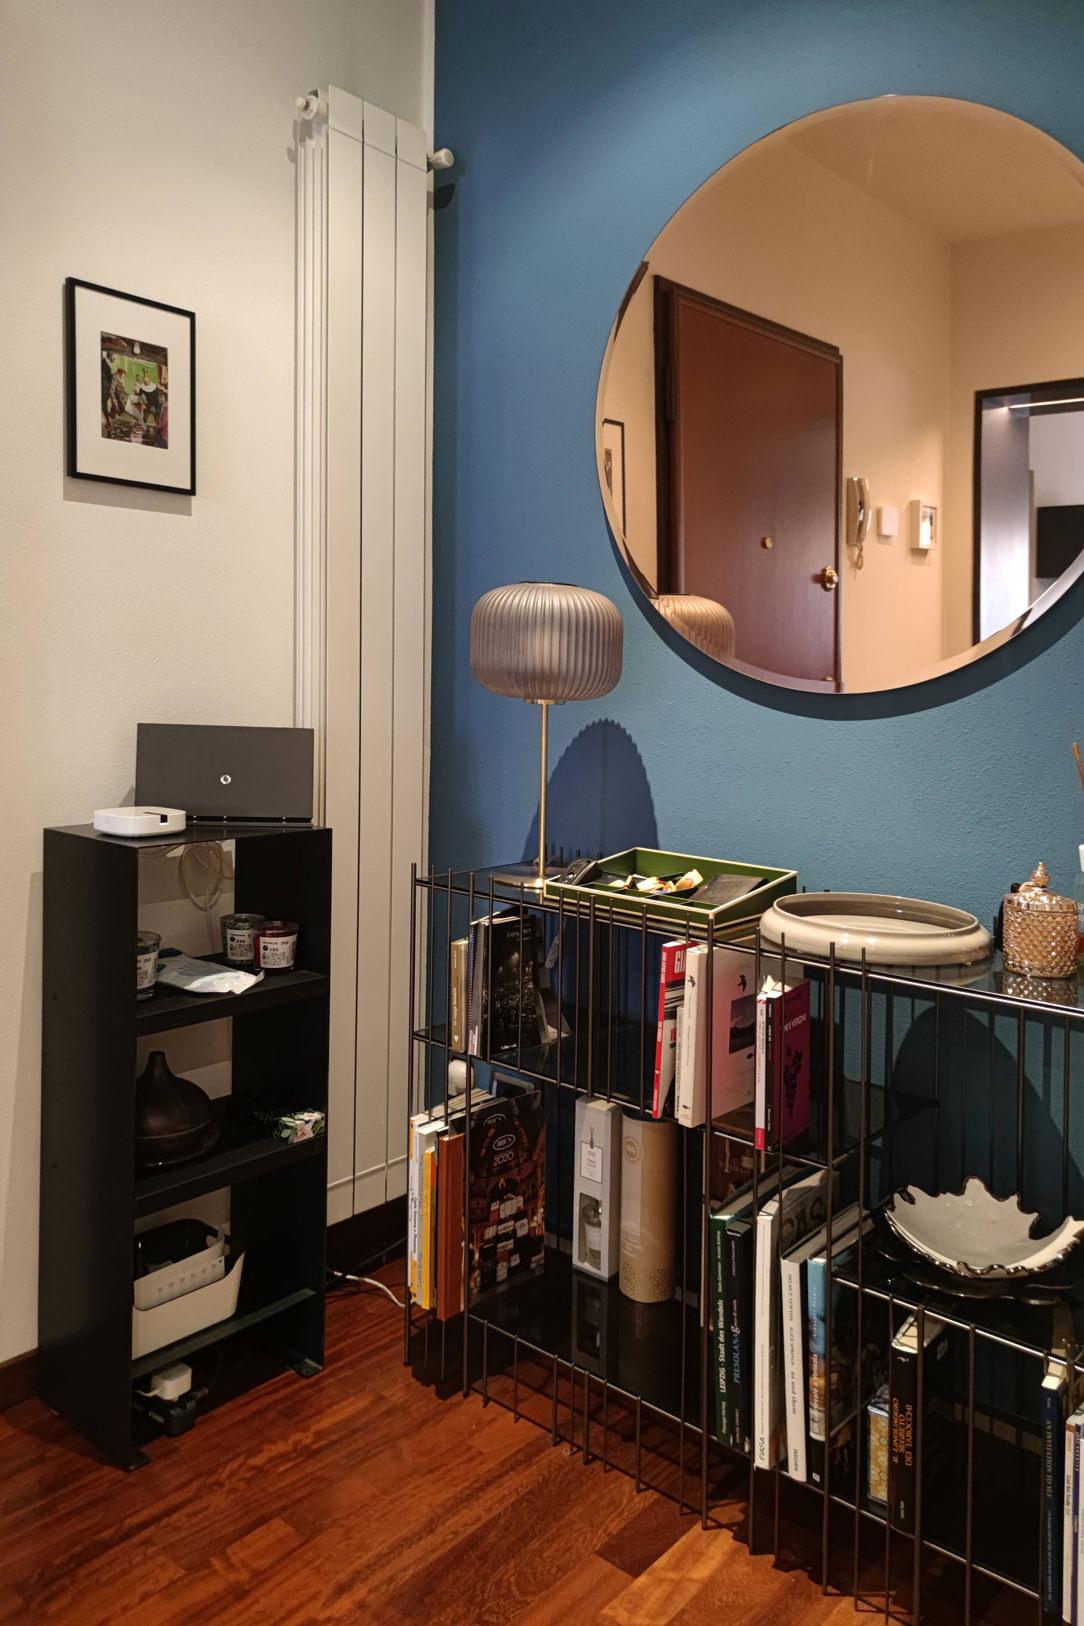 mobili-in-ferro-ingresso-appartamento-stile-contemporaneo